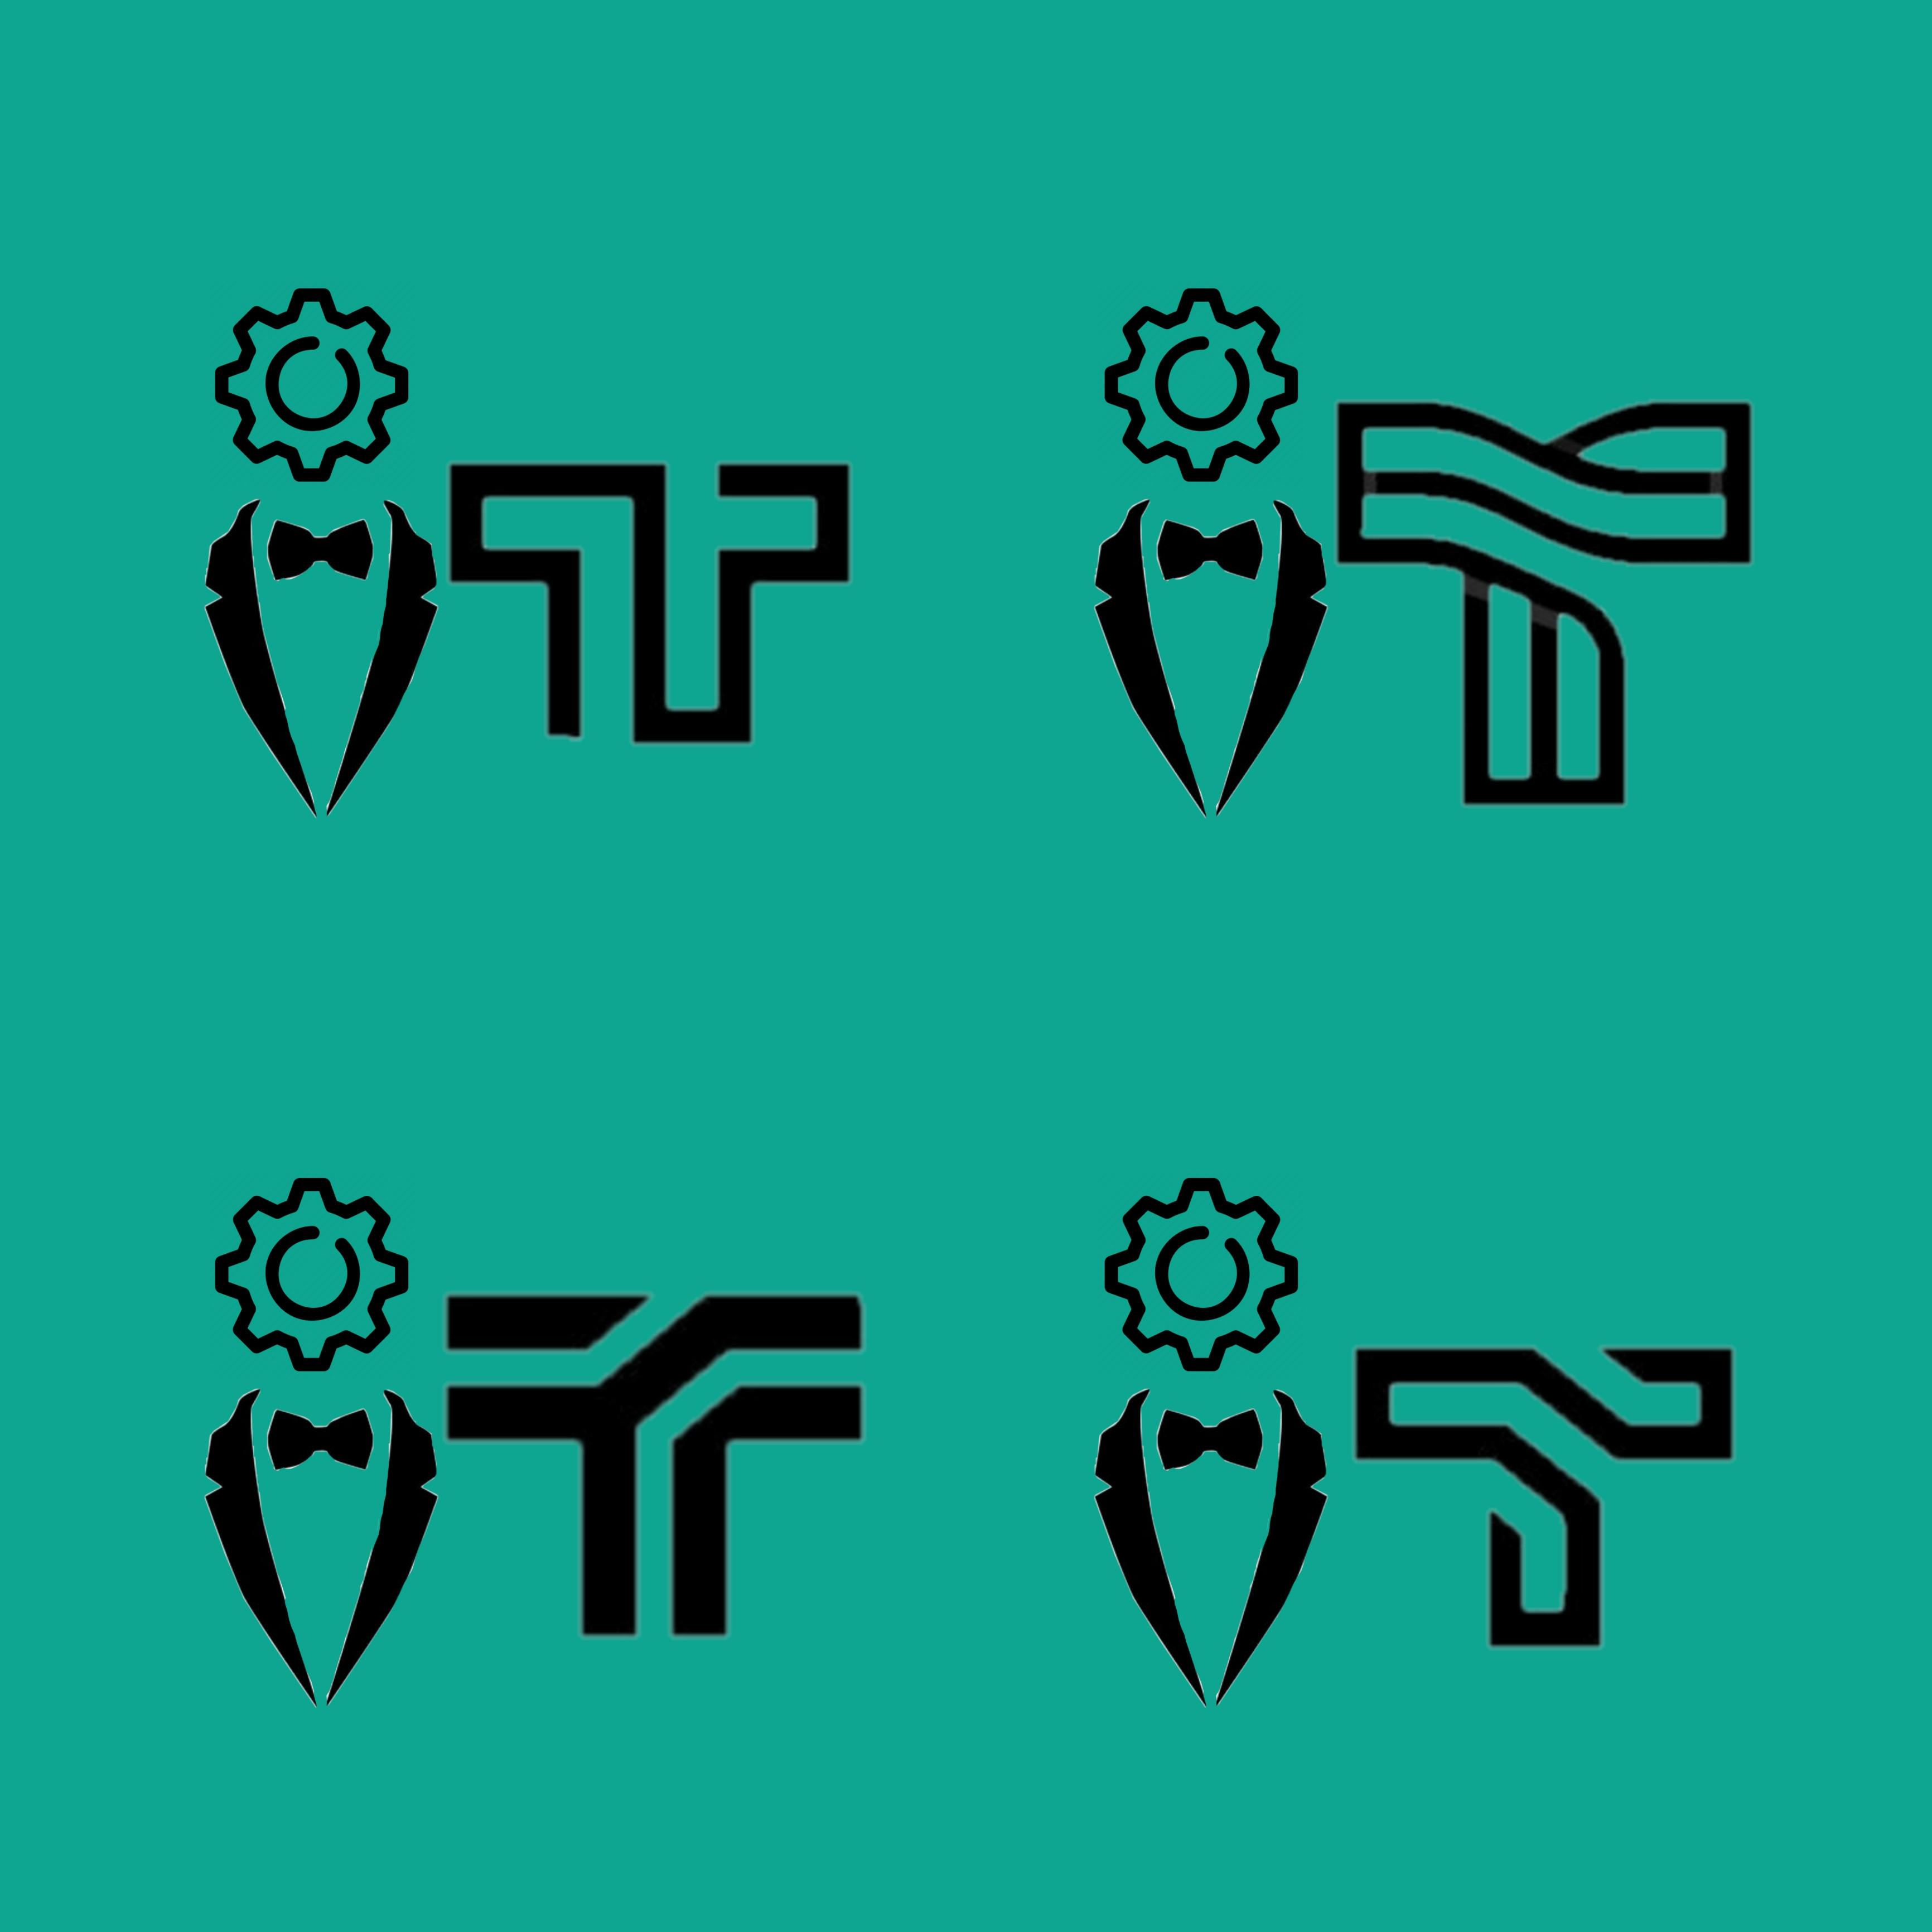 Логотип для IT интегратора фото f_885614cca74a227e.jpg